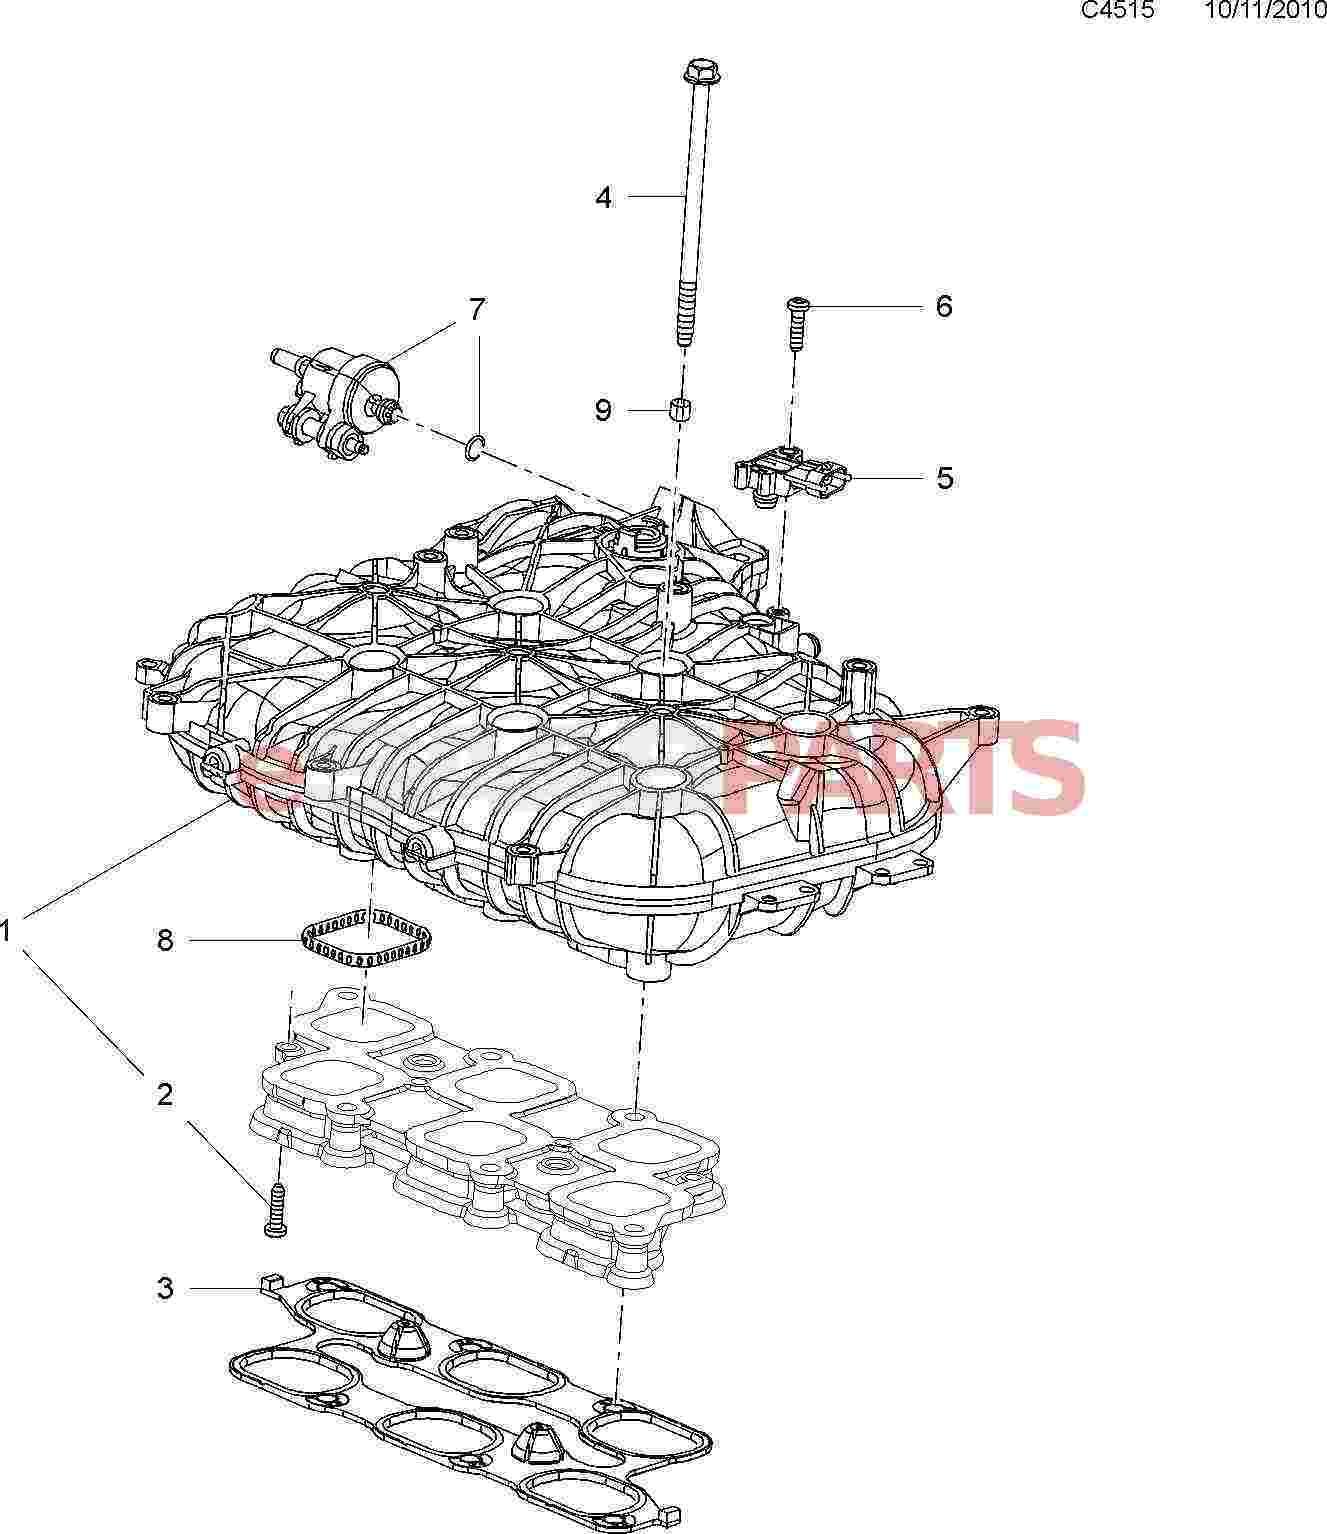 4 9l Engine Diagram Intake Manifold - Wiring Diagram G8  L Engine Diagram Intake Manifold on